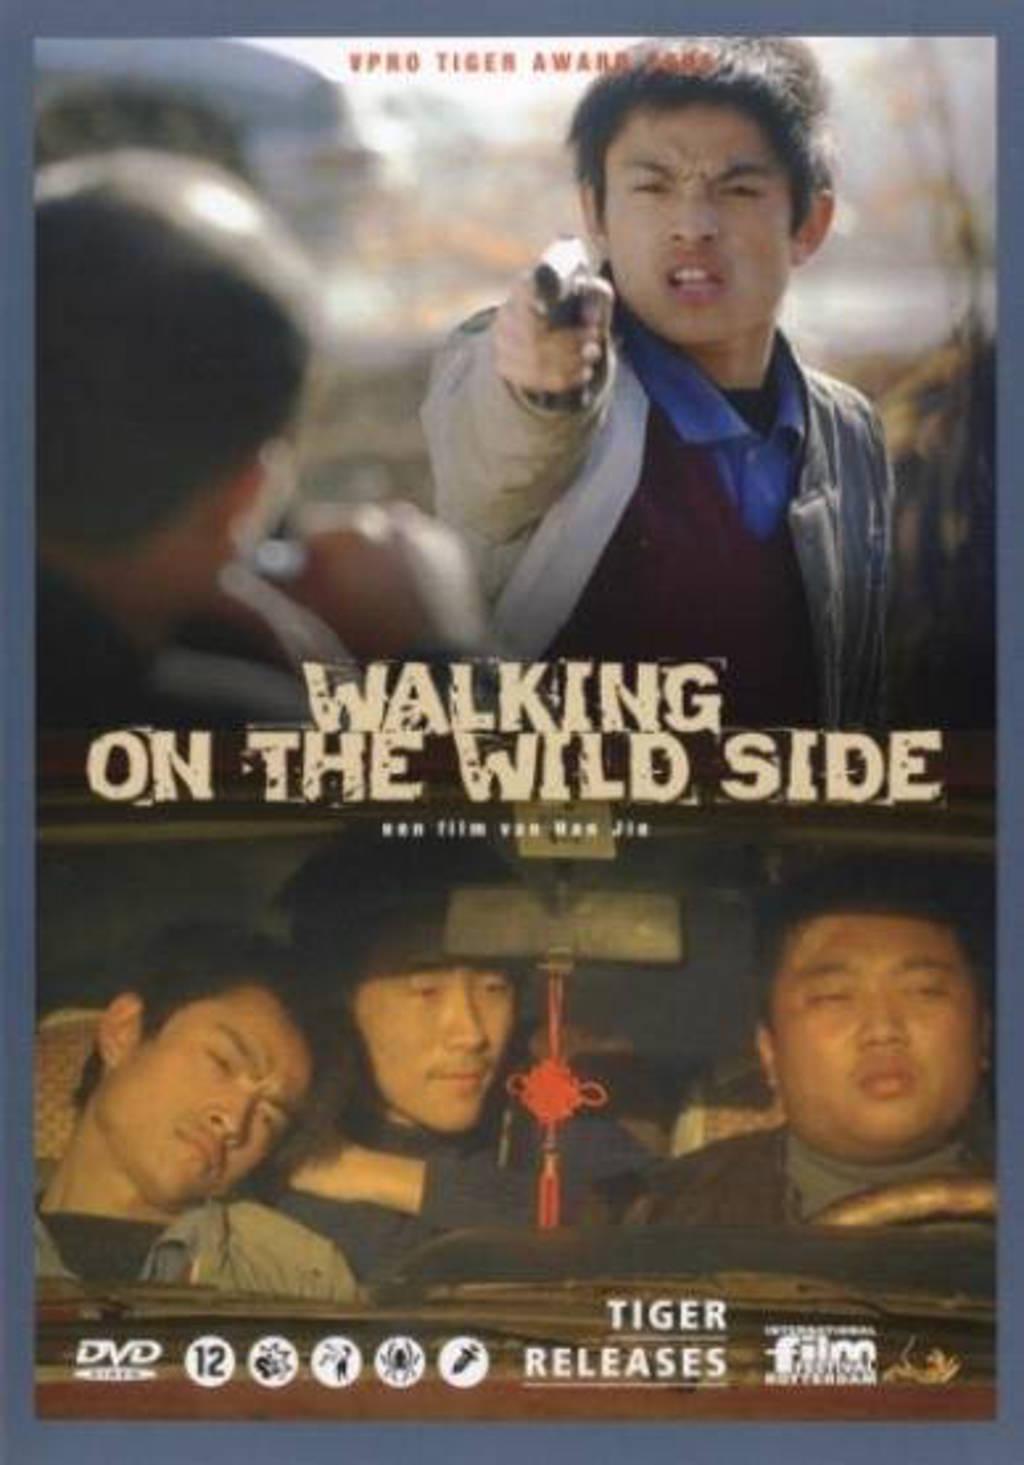 Walking on the wild side (DVD)